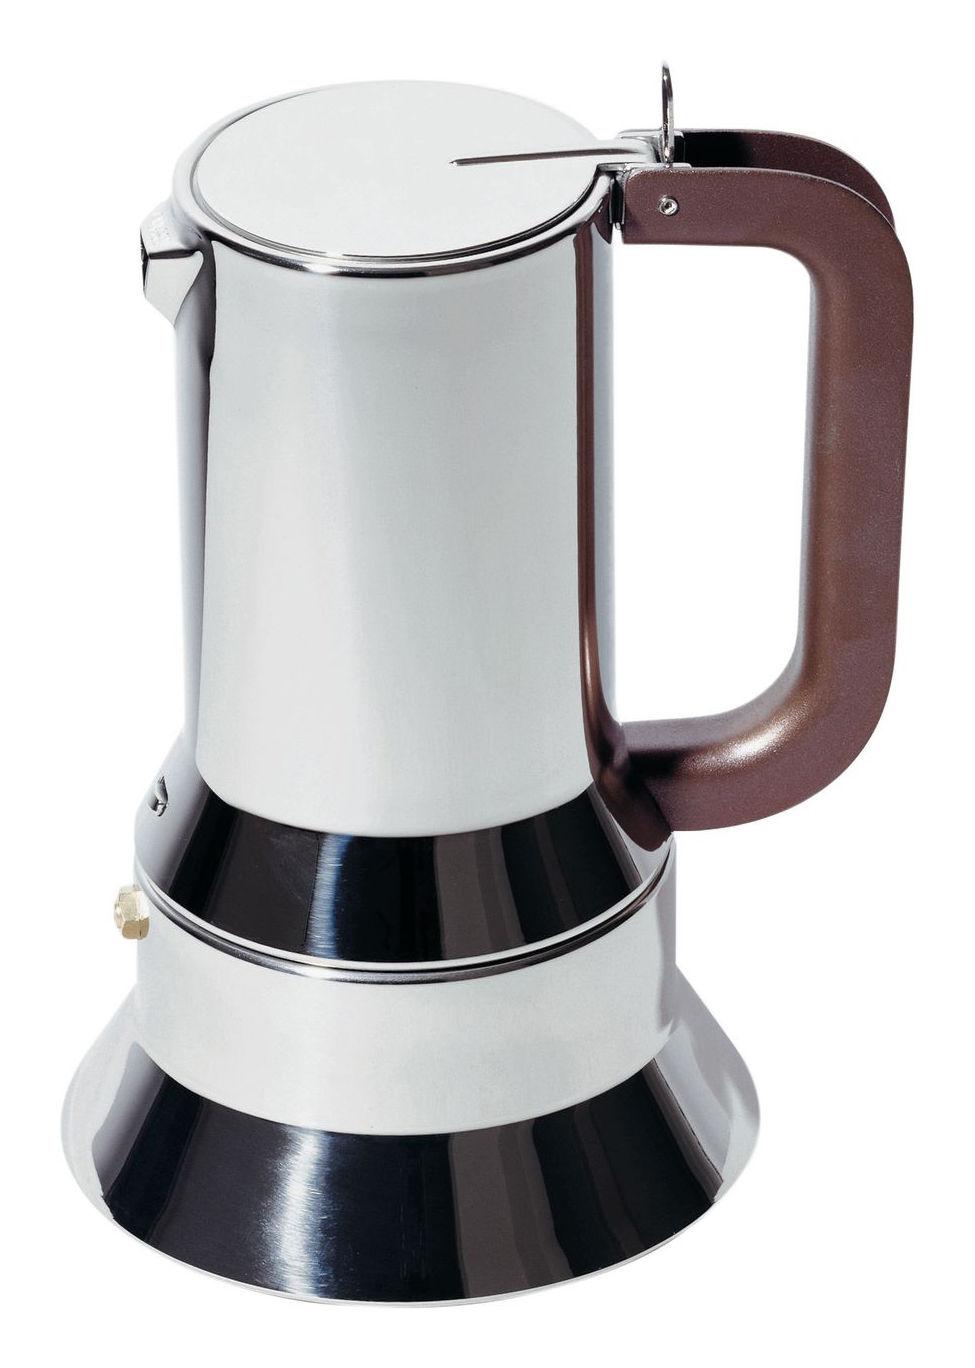 Tavola - Caffè - Caffettiera espresso italiano 9090 - da 3 a 6 tazze di Alessi - da 3 a 6 tazze - Acciaio inossidabile